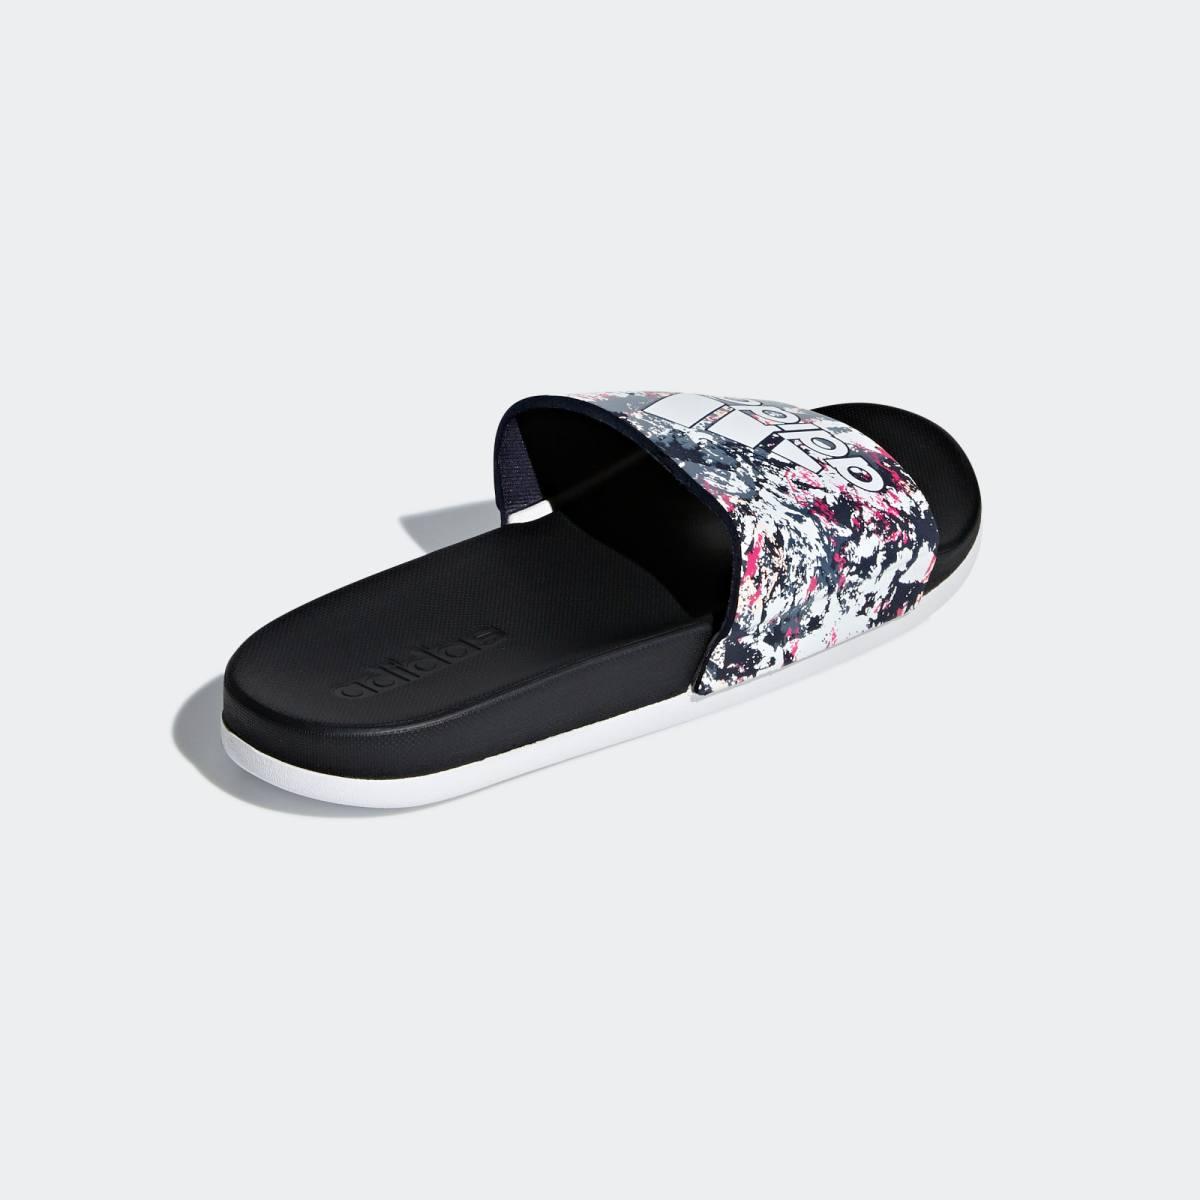 Adilette_Comfort_Slides_White_B43827_05_standard